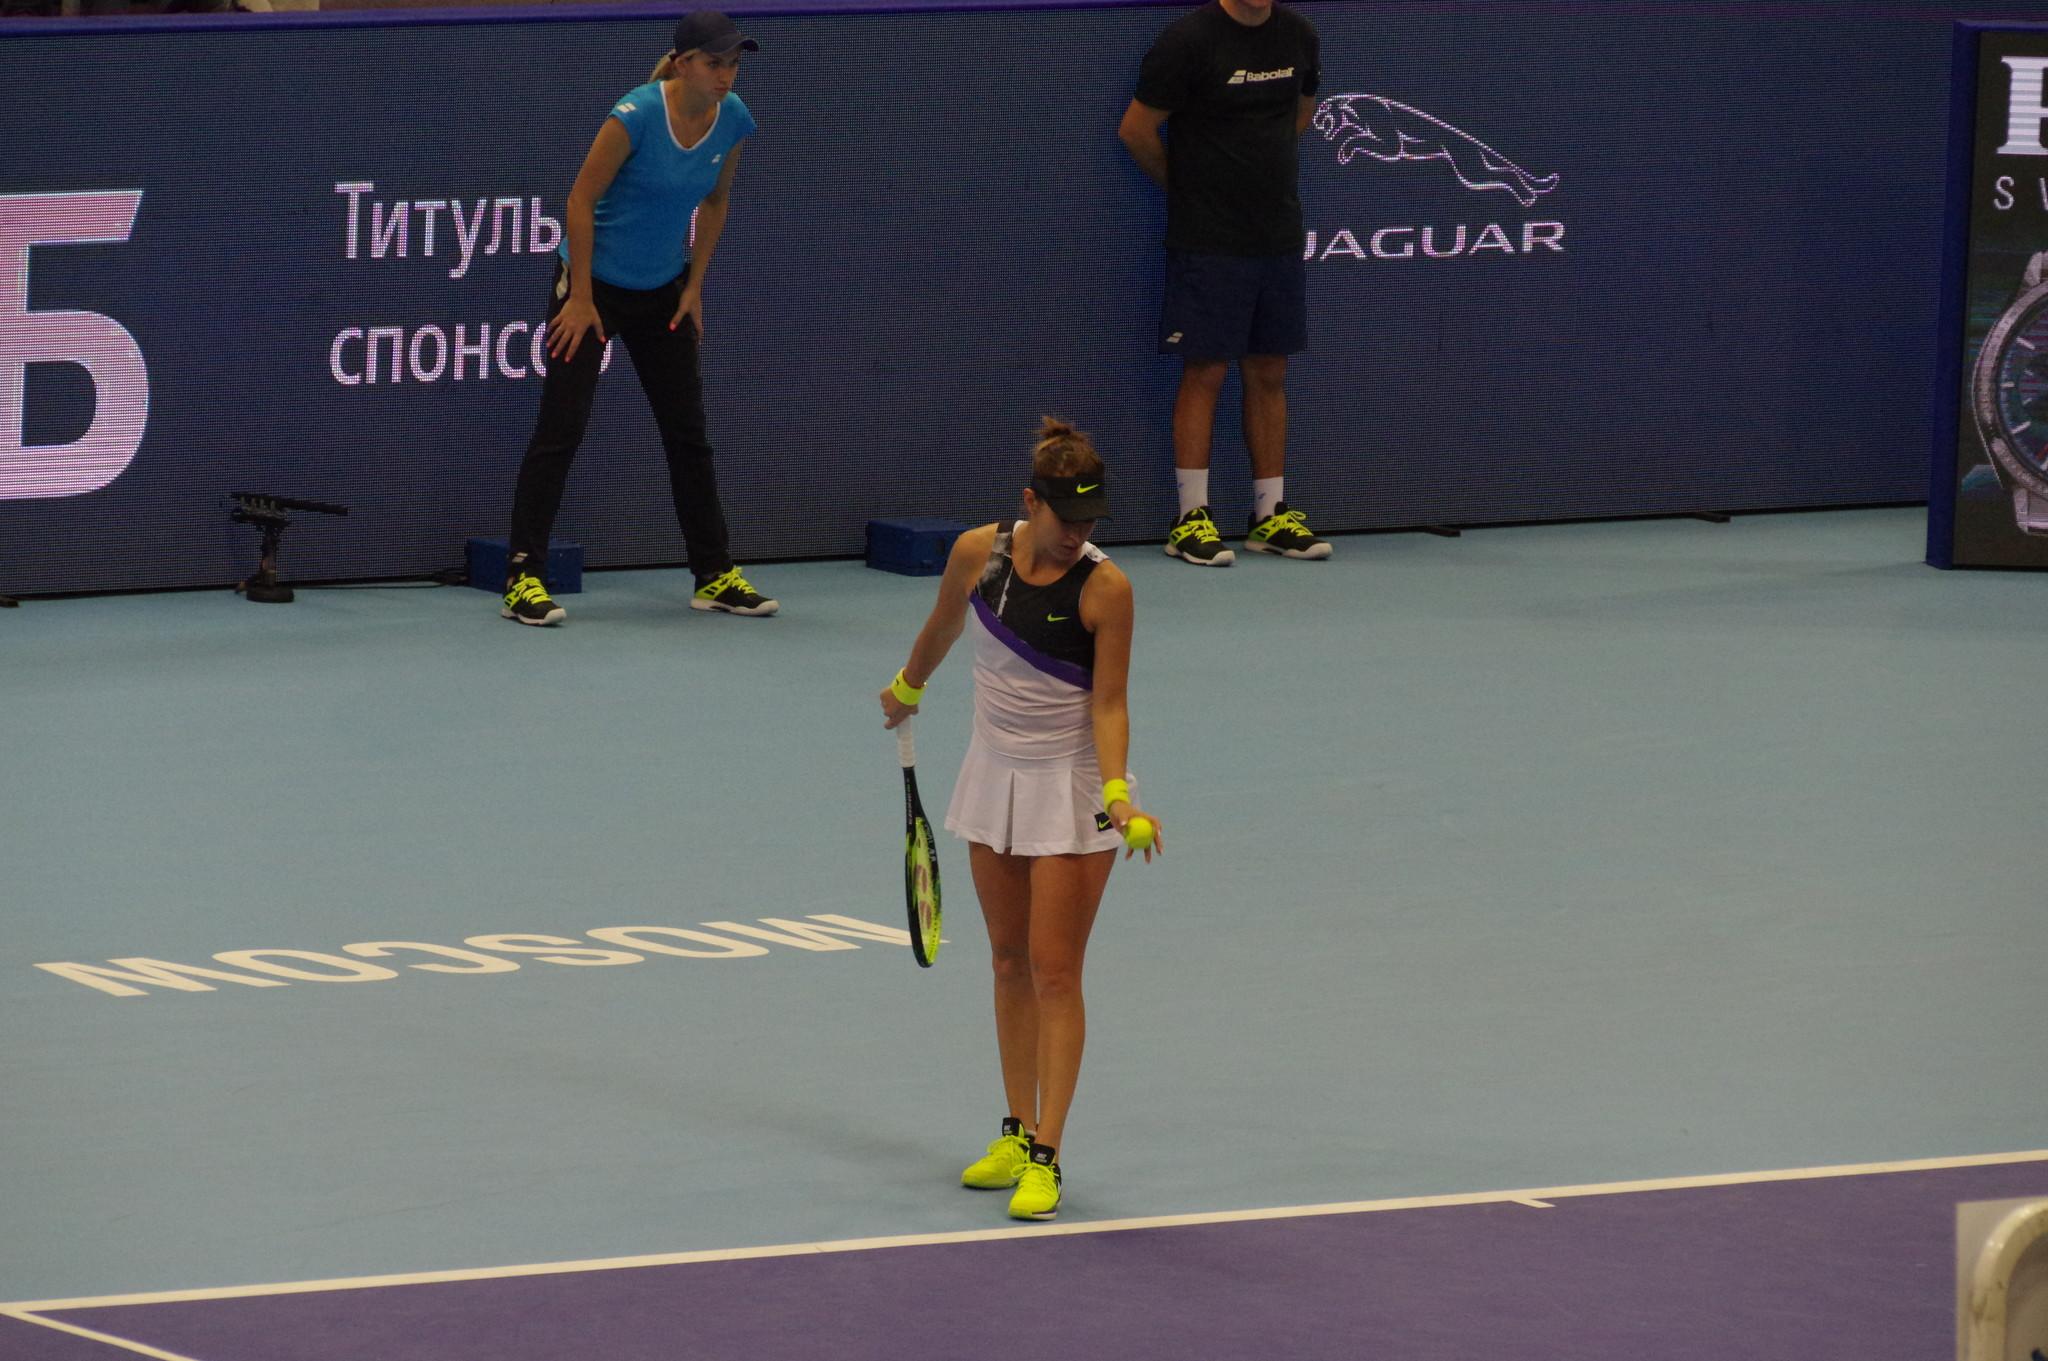 Швейцарская теннисистка Белинда Бенчич